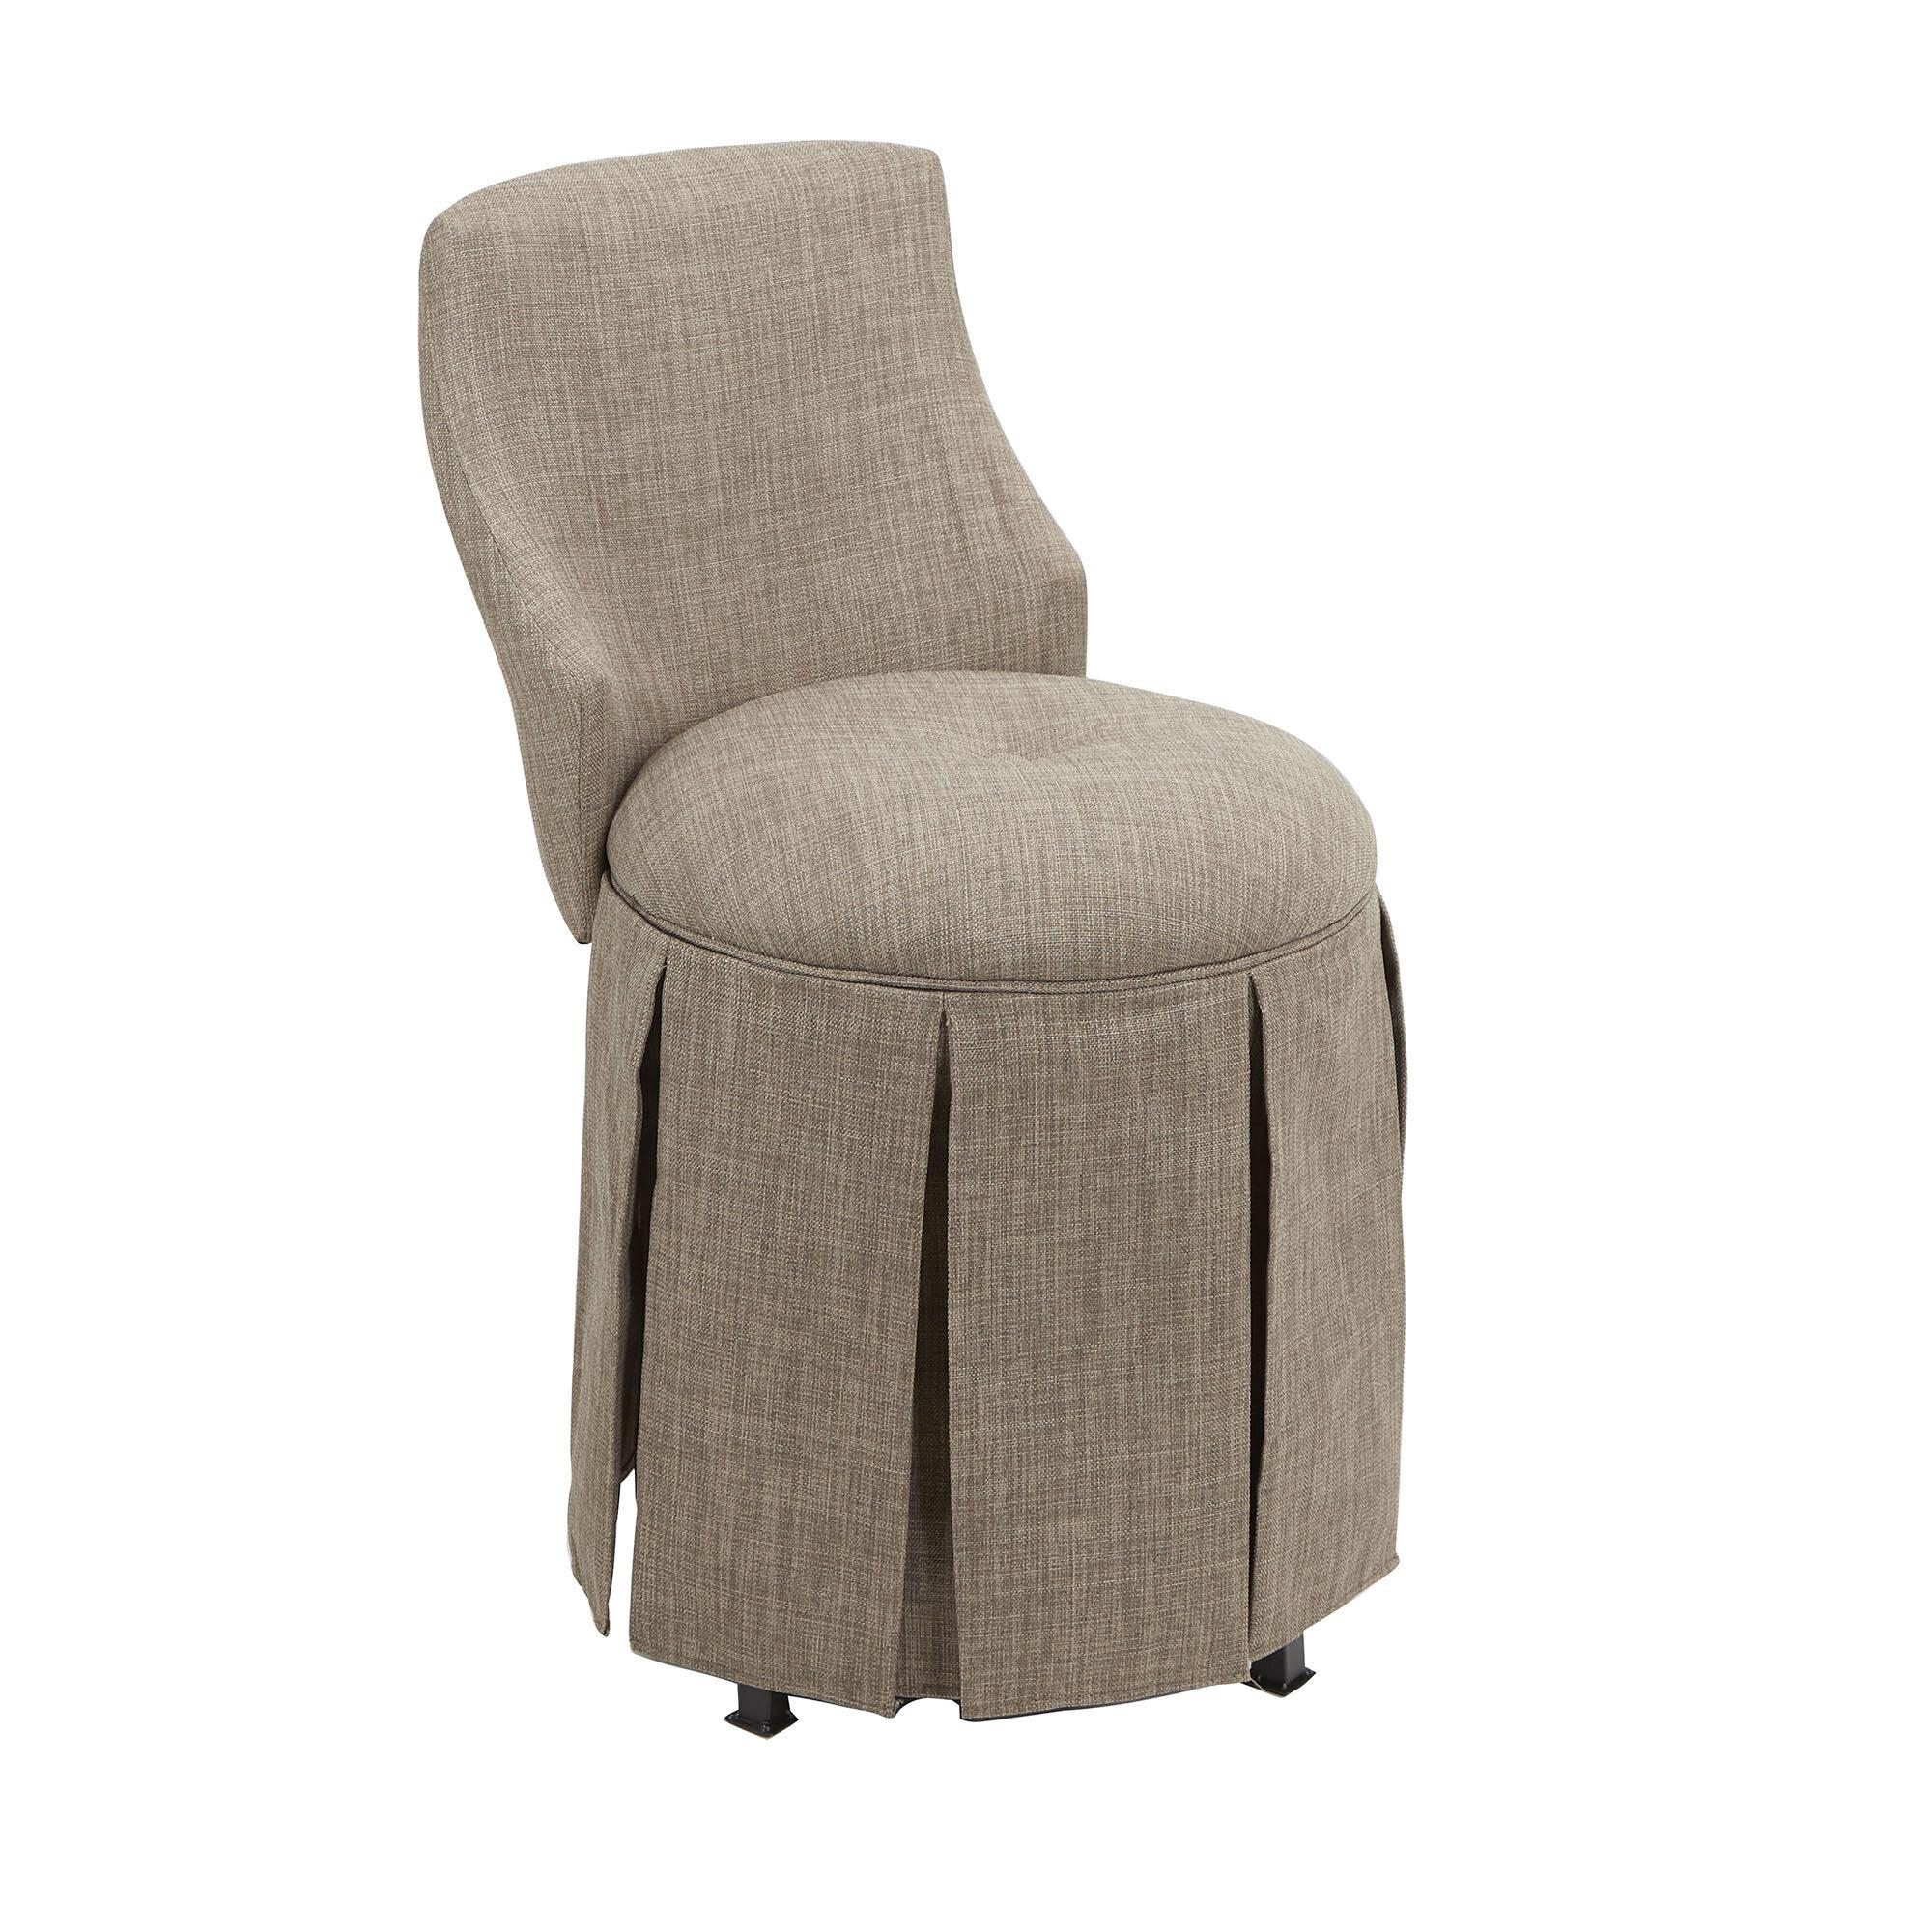 Sinderen Swivel Parsons Chair